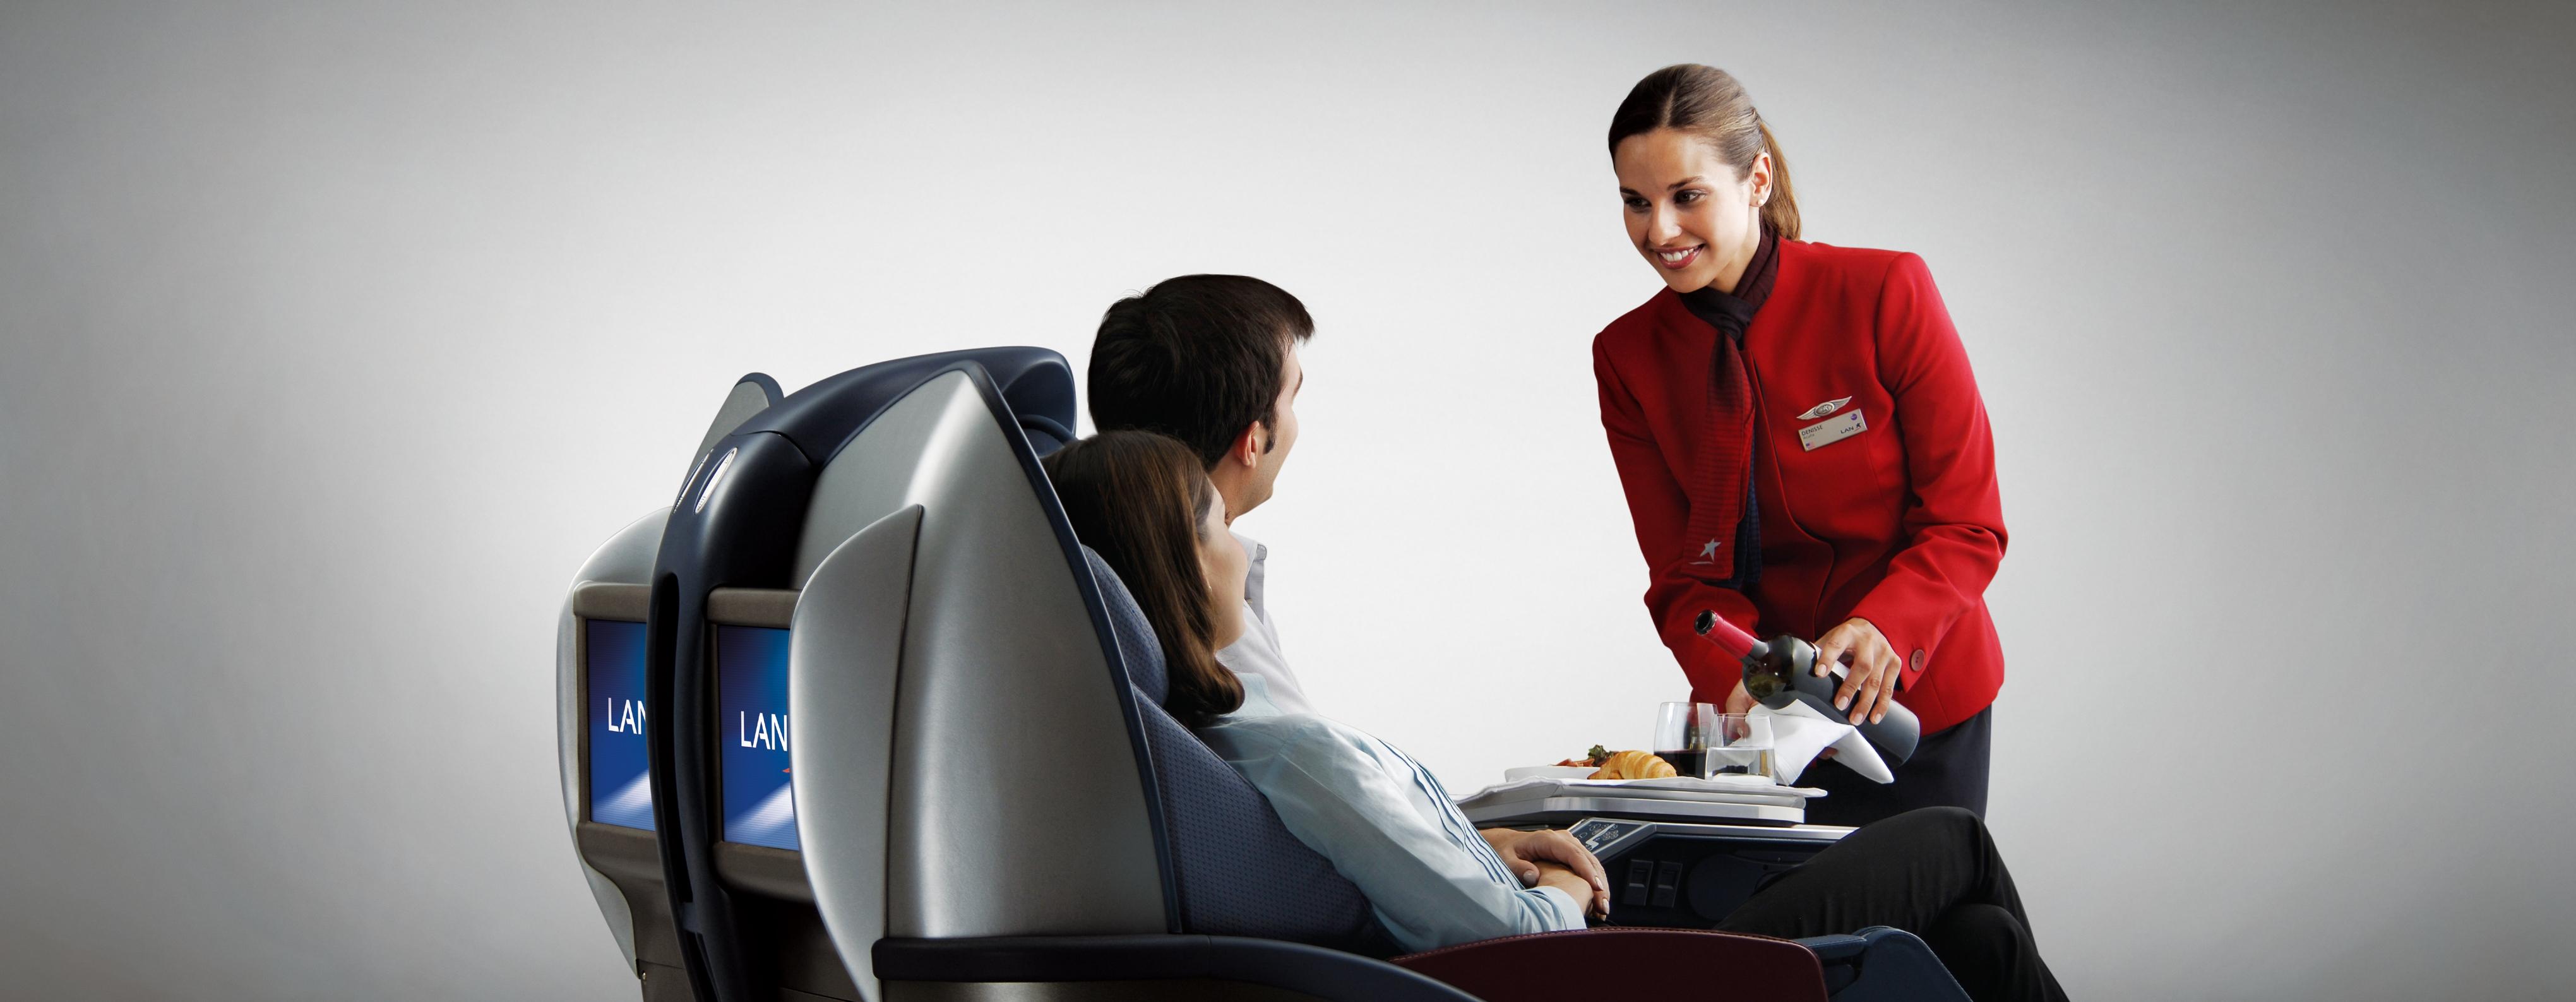 2,4% creció el tráfico de pasajeros de LATAM Airlines en septiembre en comparación a 2017